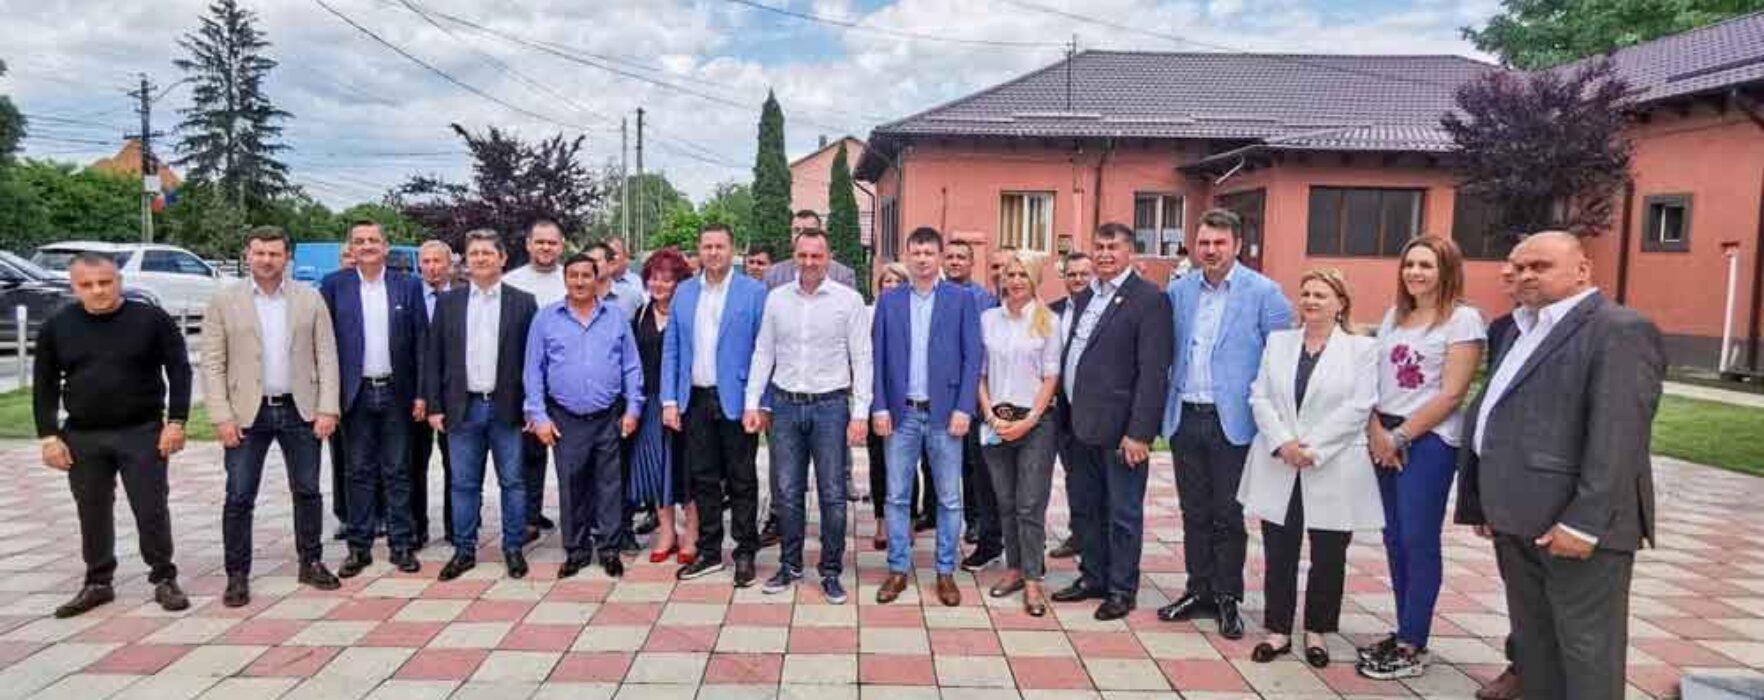 Candidaţii PSD Cojasca la consiliul local şi-au depus candidaturile